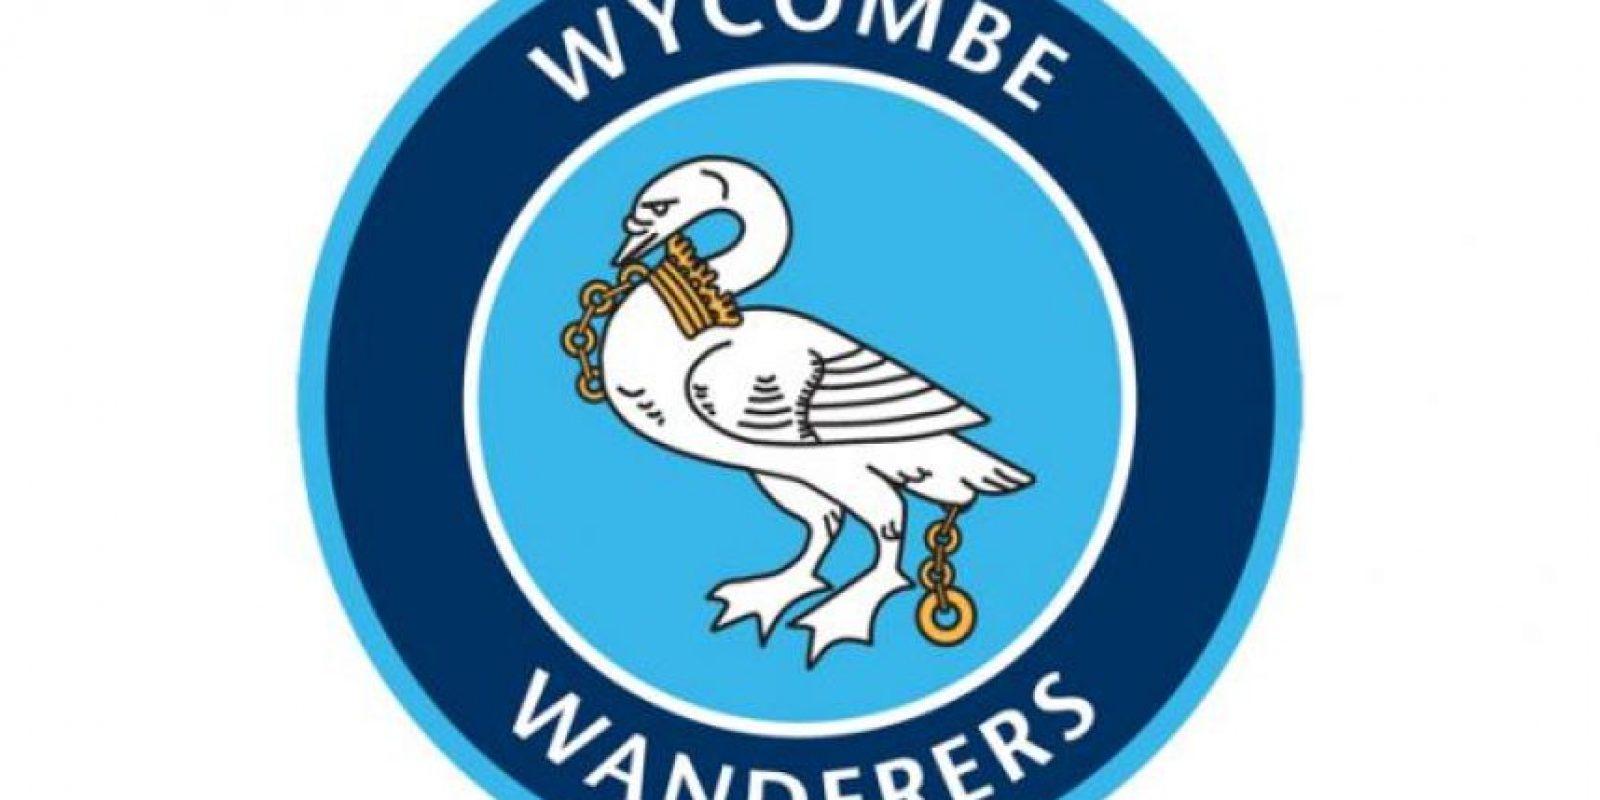 5.-Wycombe Wanderers (Inglaterra) Foto:Reproducción